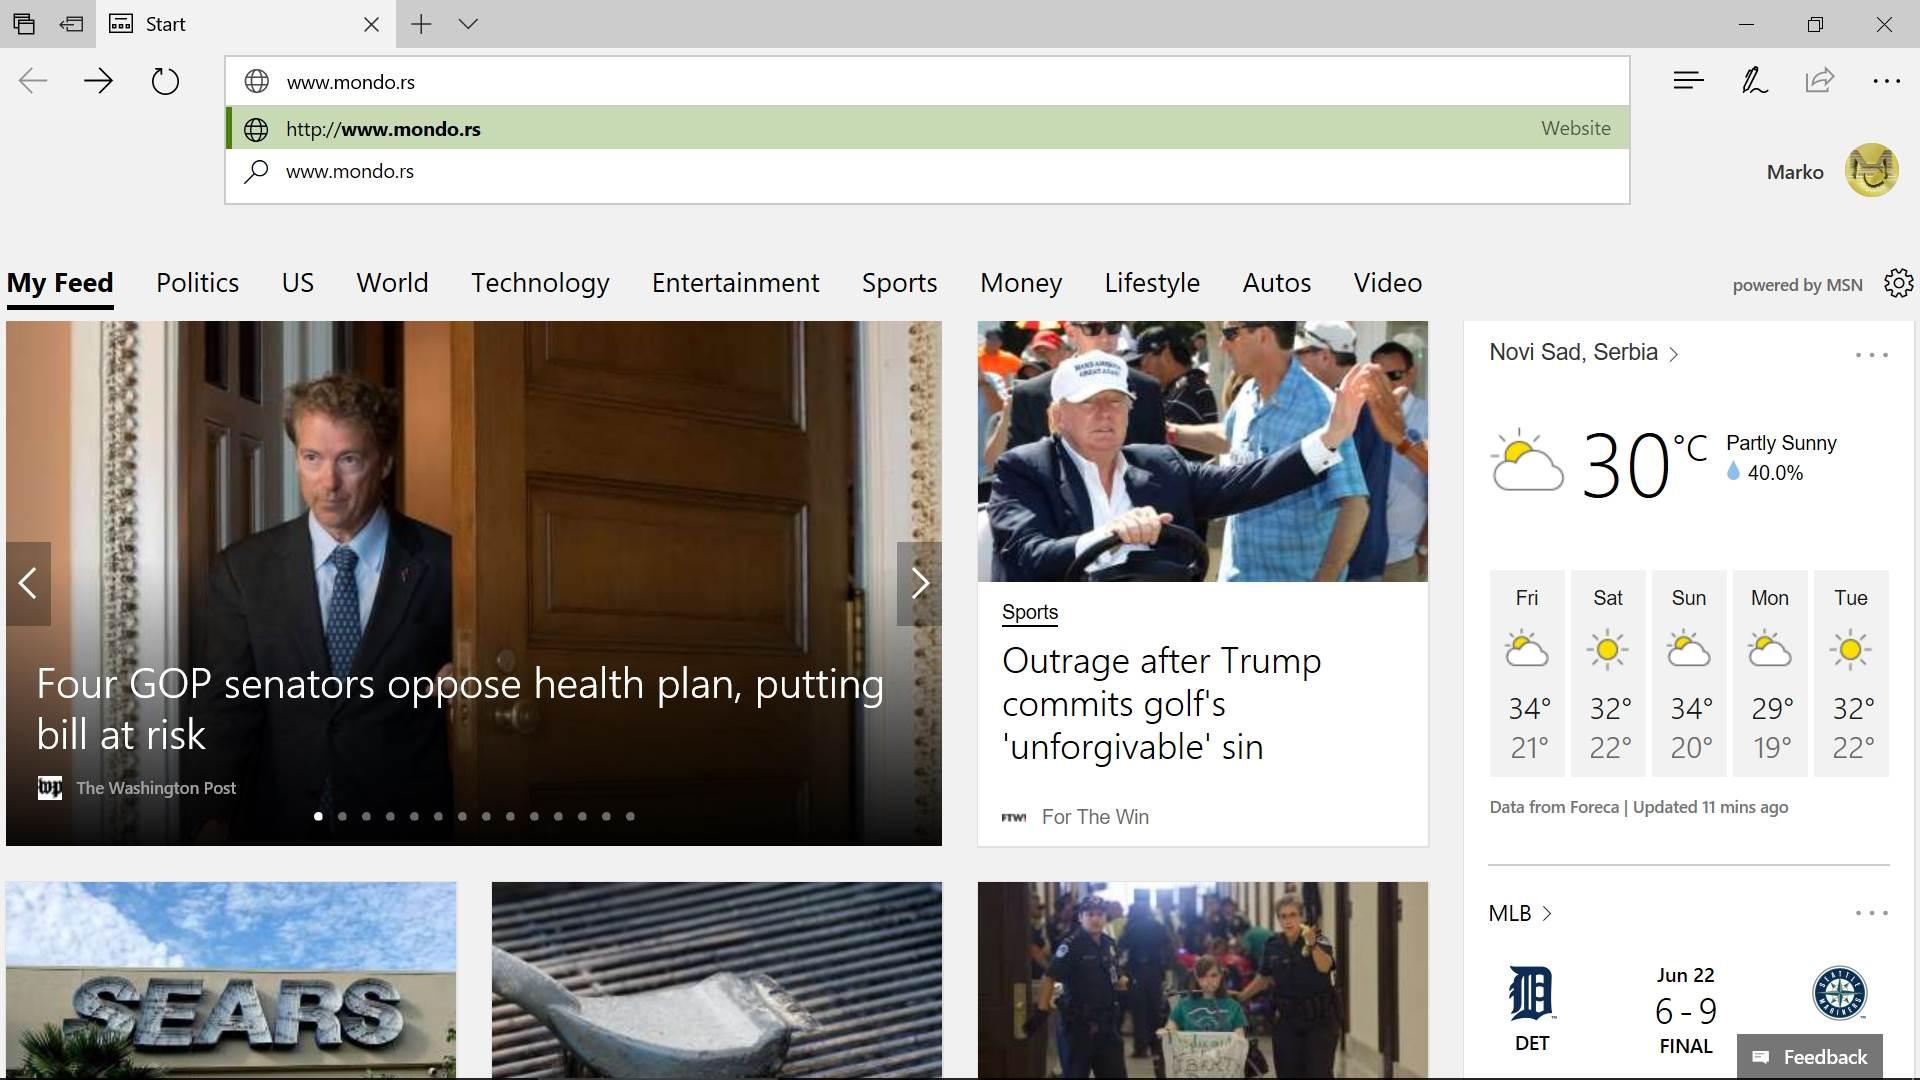 Microsoft mijenja pregledač za Windows 7 i sve druge